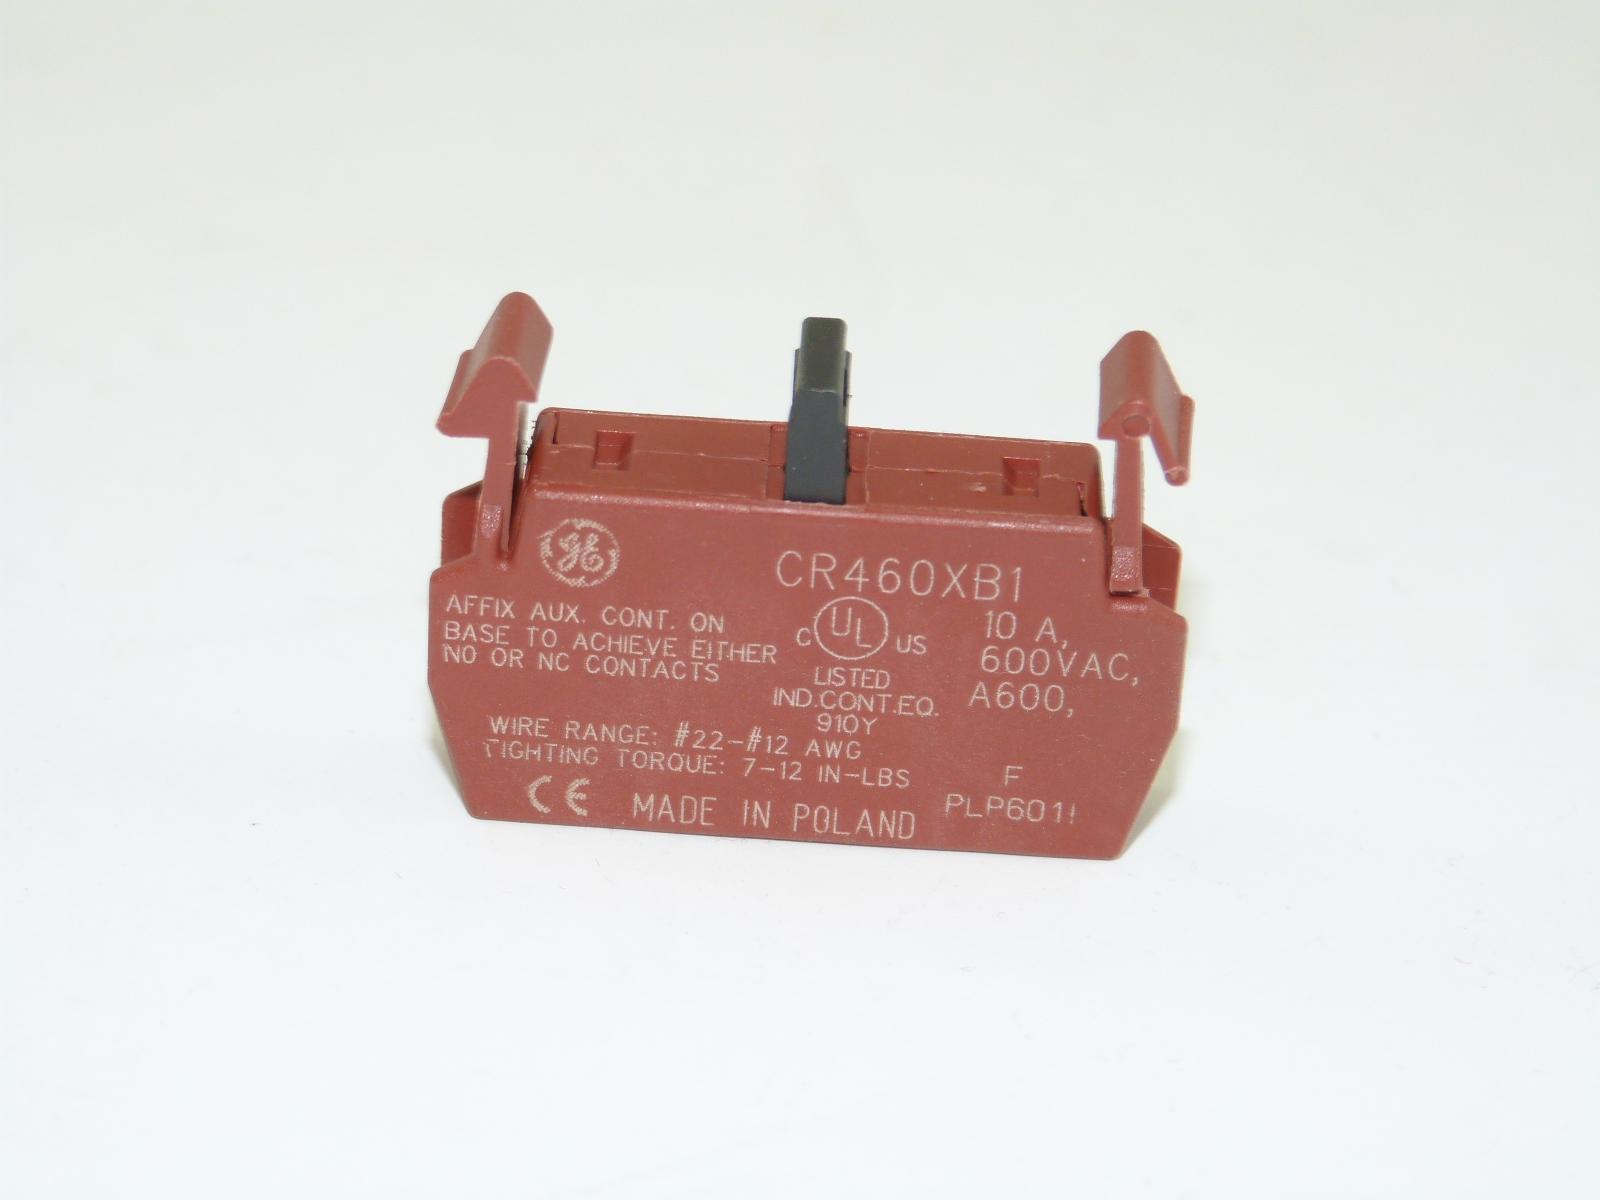 CR460XB1